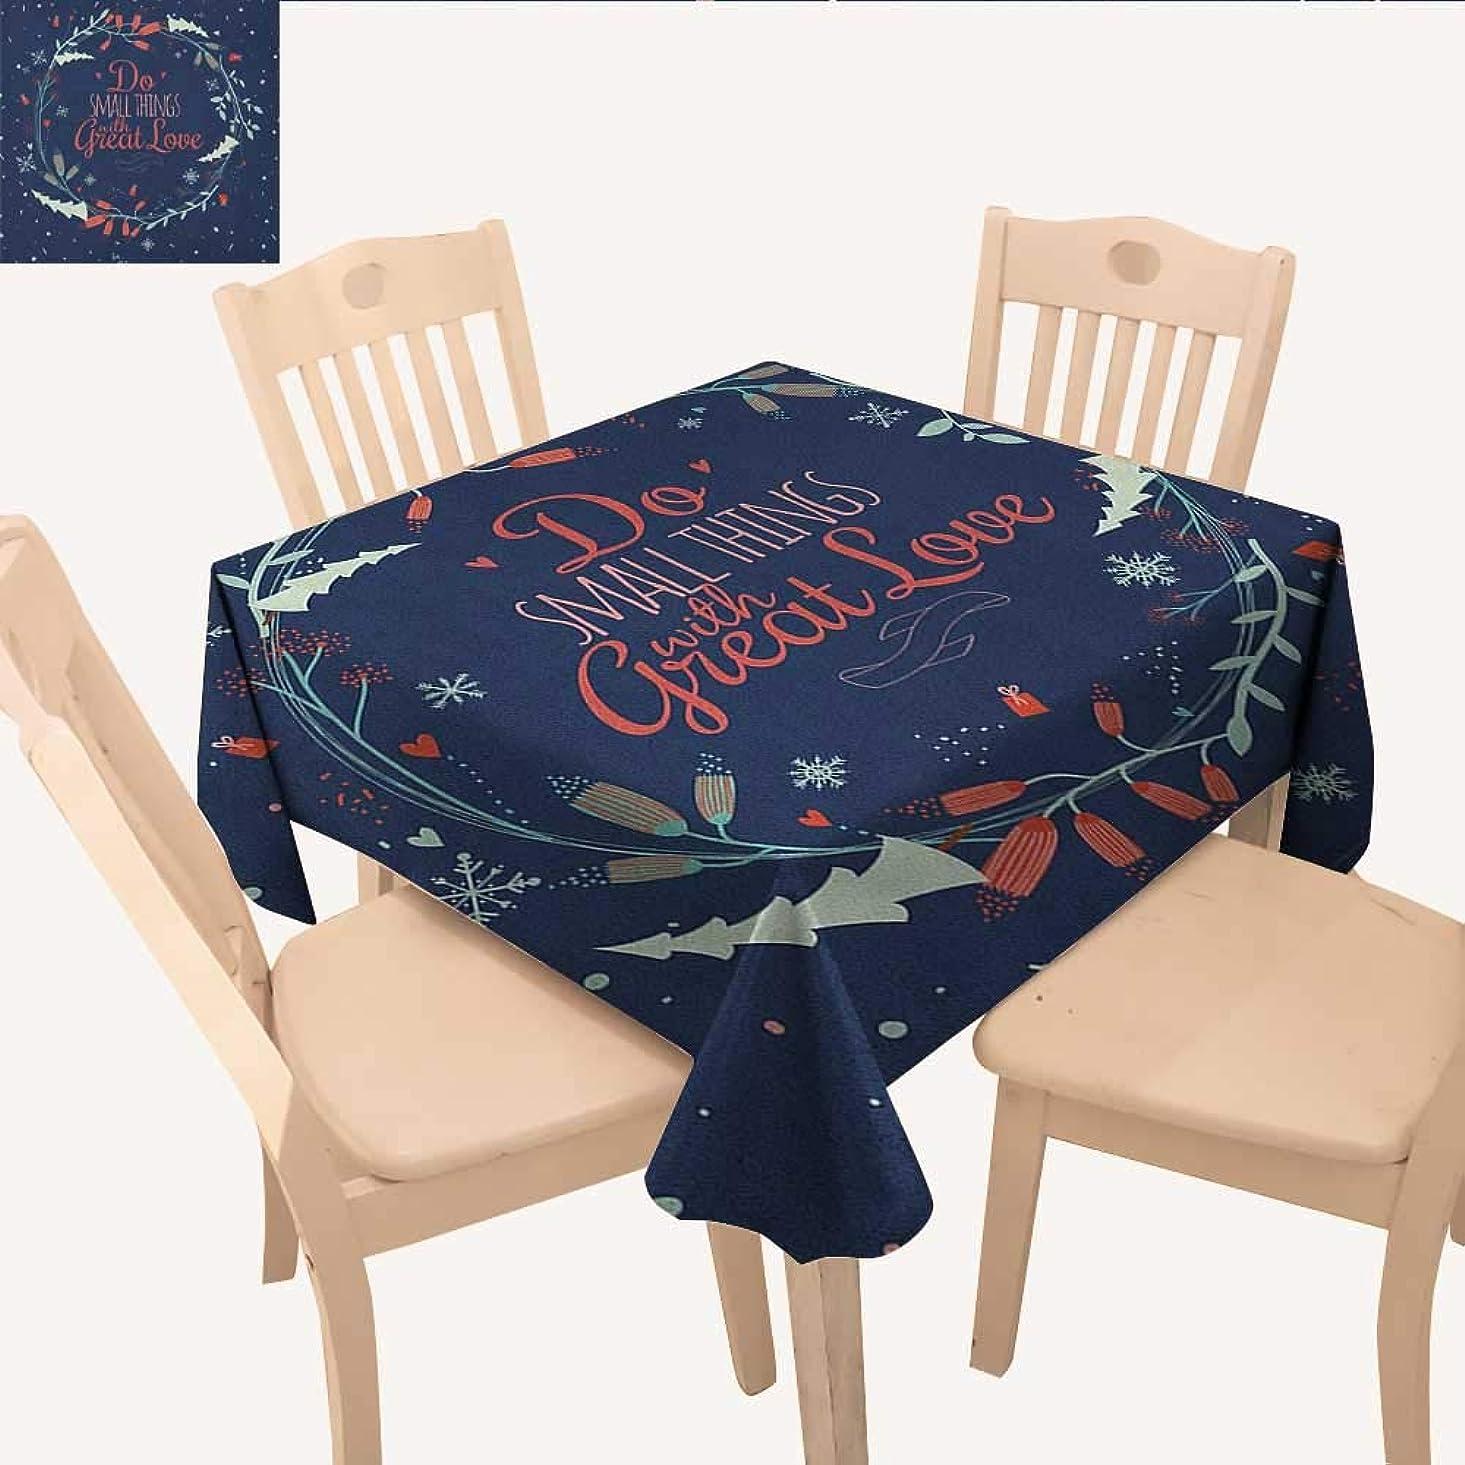 例悪化する回転longbuyer 引用句 布製テーブルクロス 親と赤ちゃんの象 花柄の背景 母の日 スローガン ダイニングテーブルカバー マルチカラー W 70